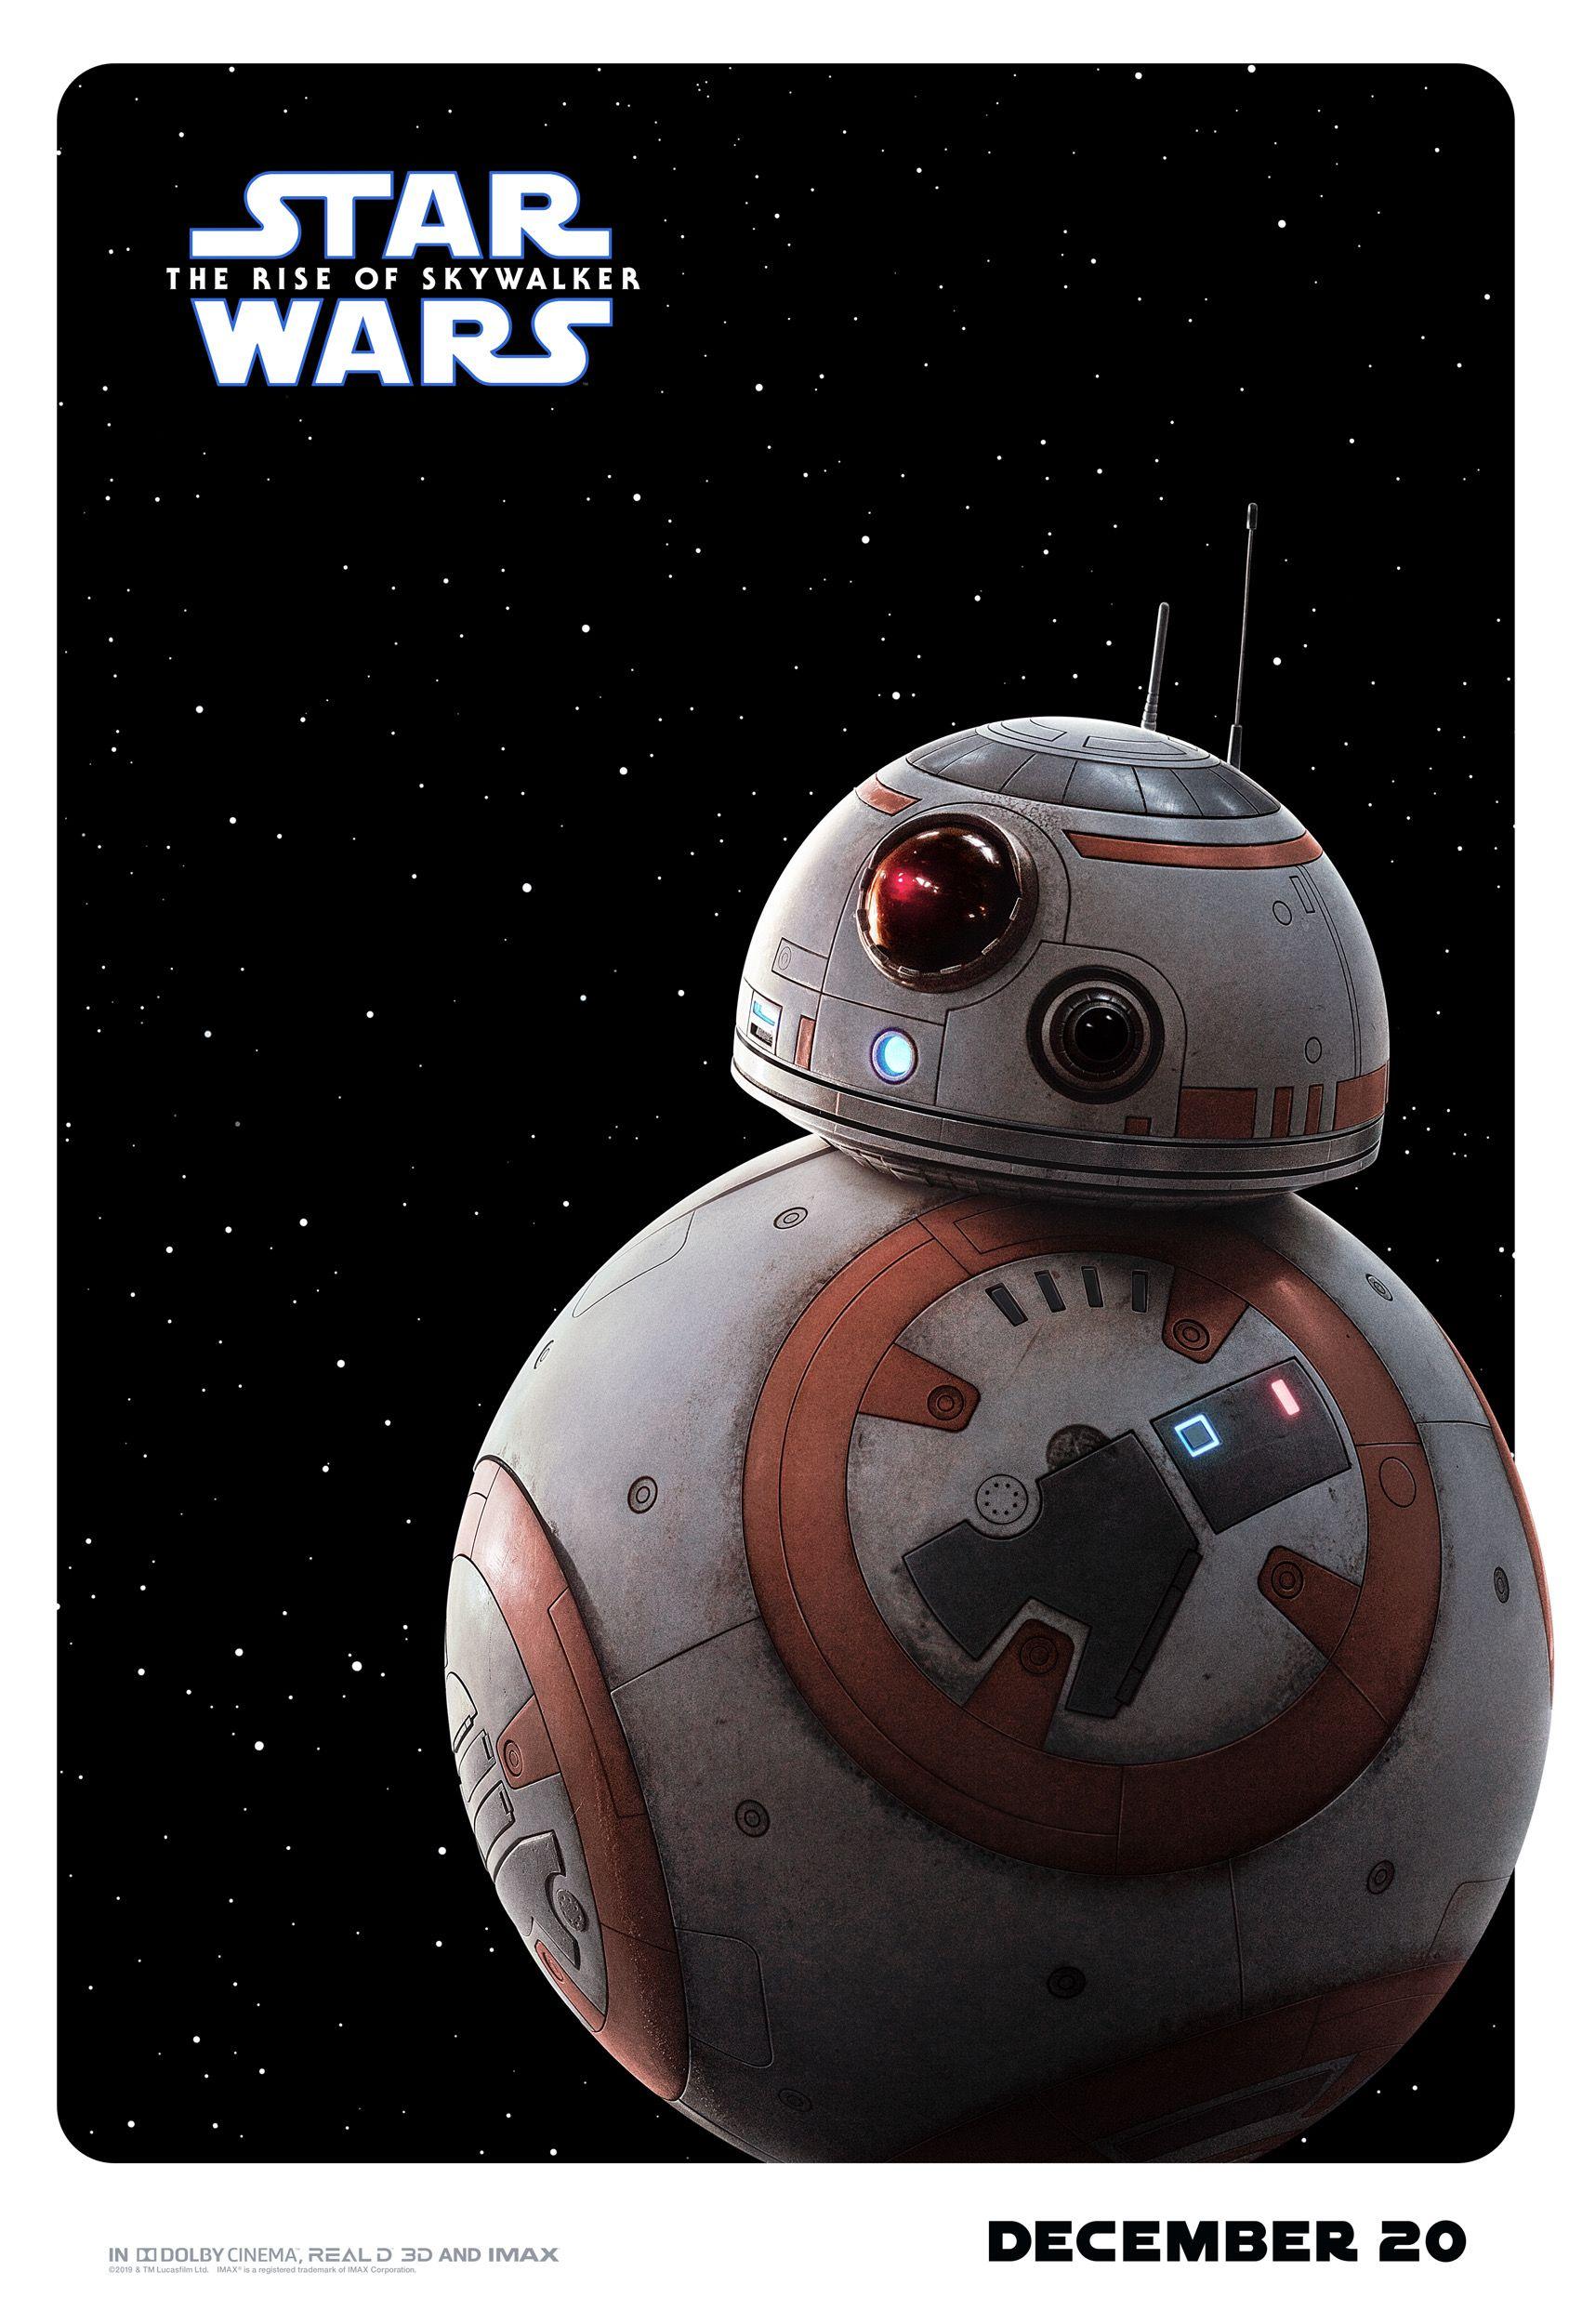 Star Wars 8 Movie4k